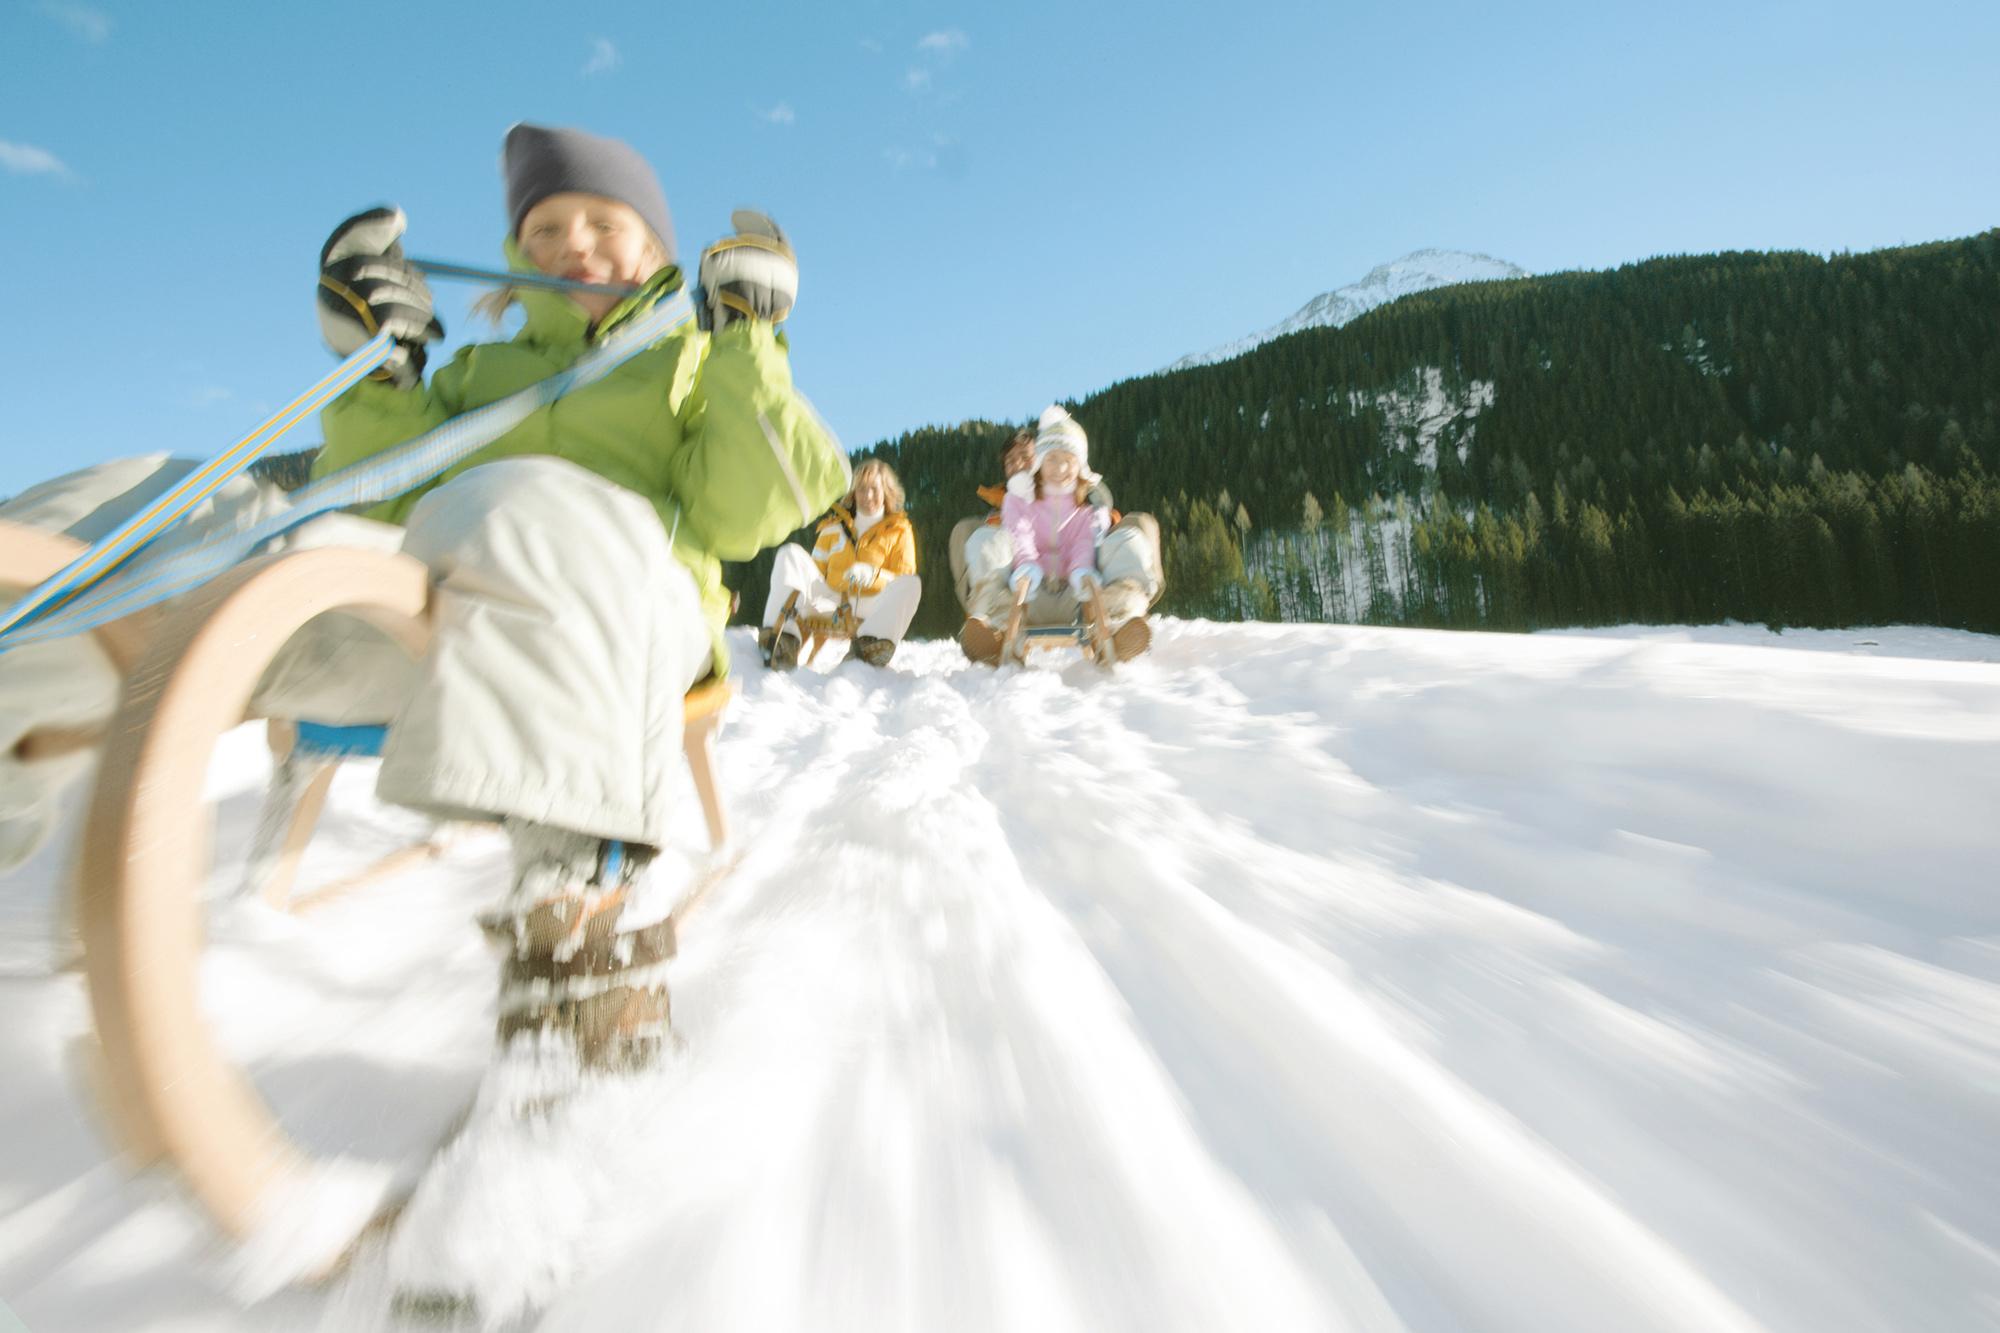 Kurzreisen Weihnachten 2019.Weihnachts Kurzurlaub Kurztrips über Die Feiertage Tui Com